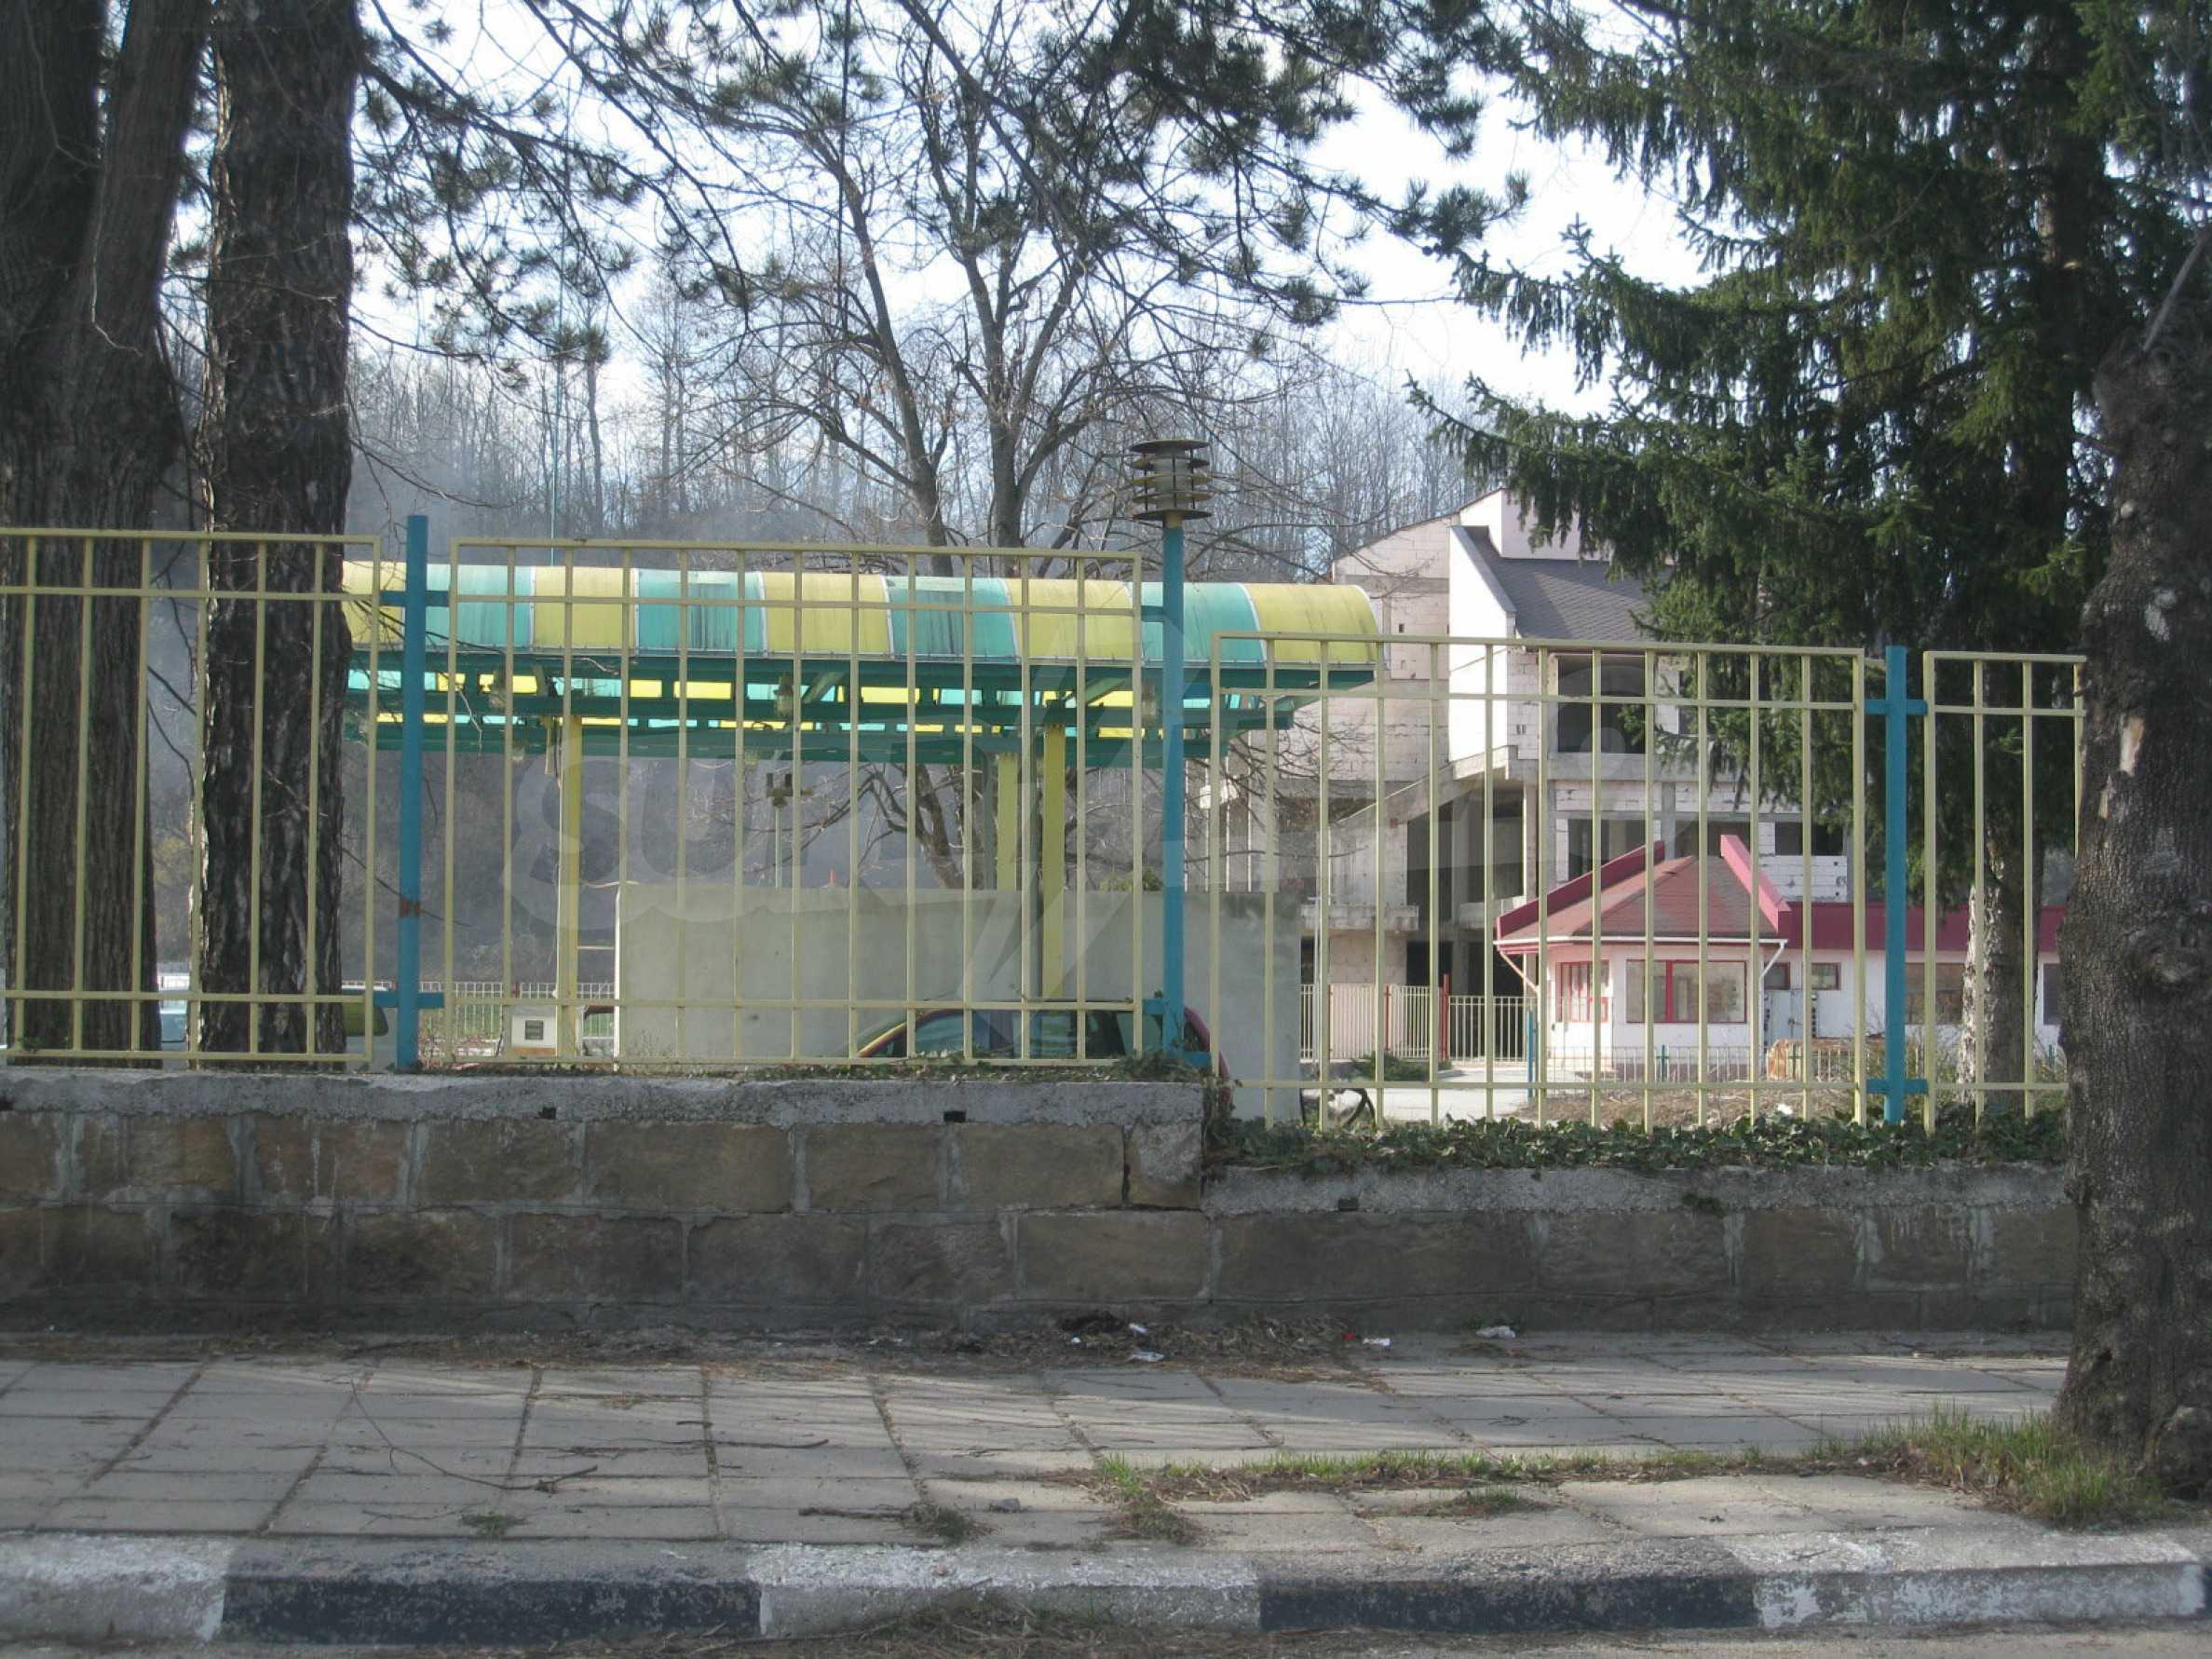 Hotelanlage mit Schwimmbad, Tankstelle und großem Grundstück in Etropole 53